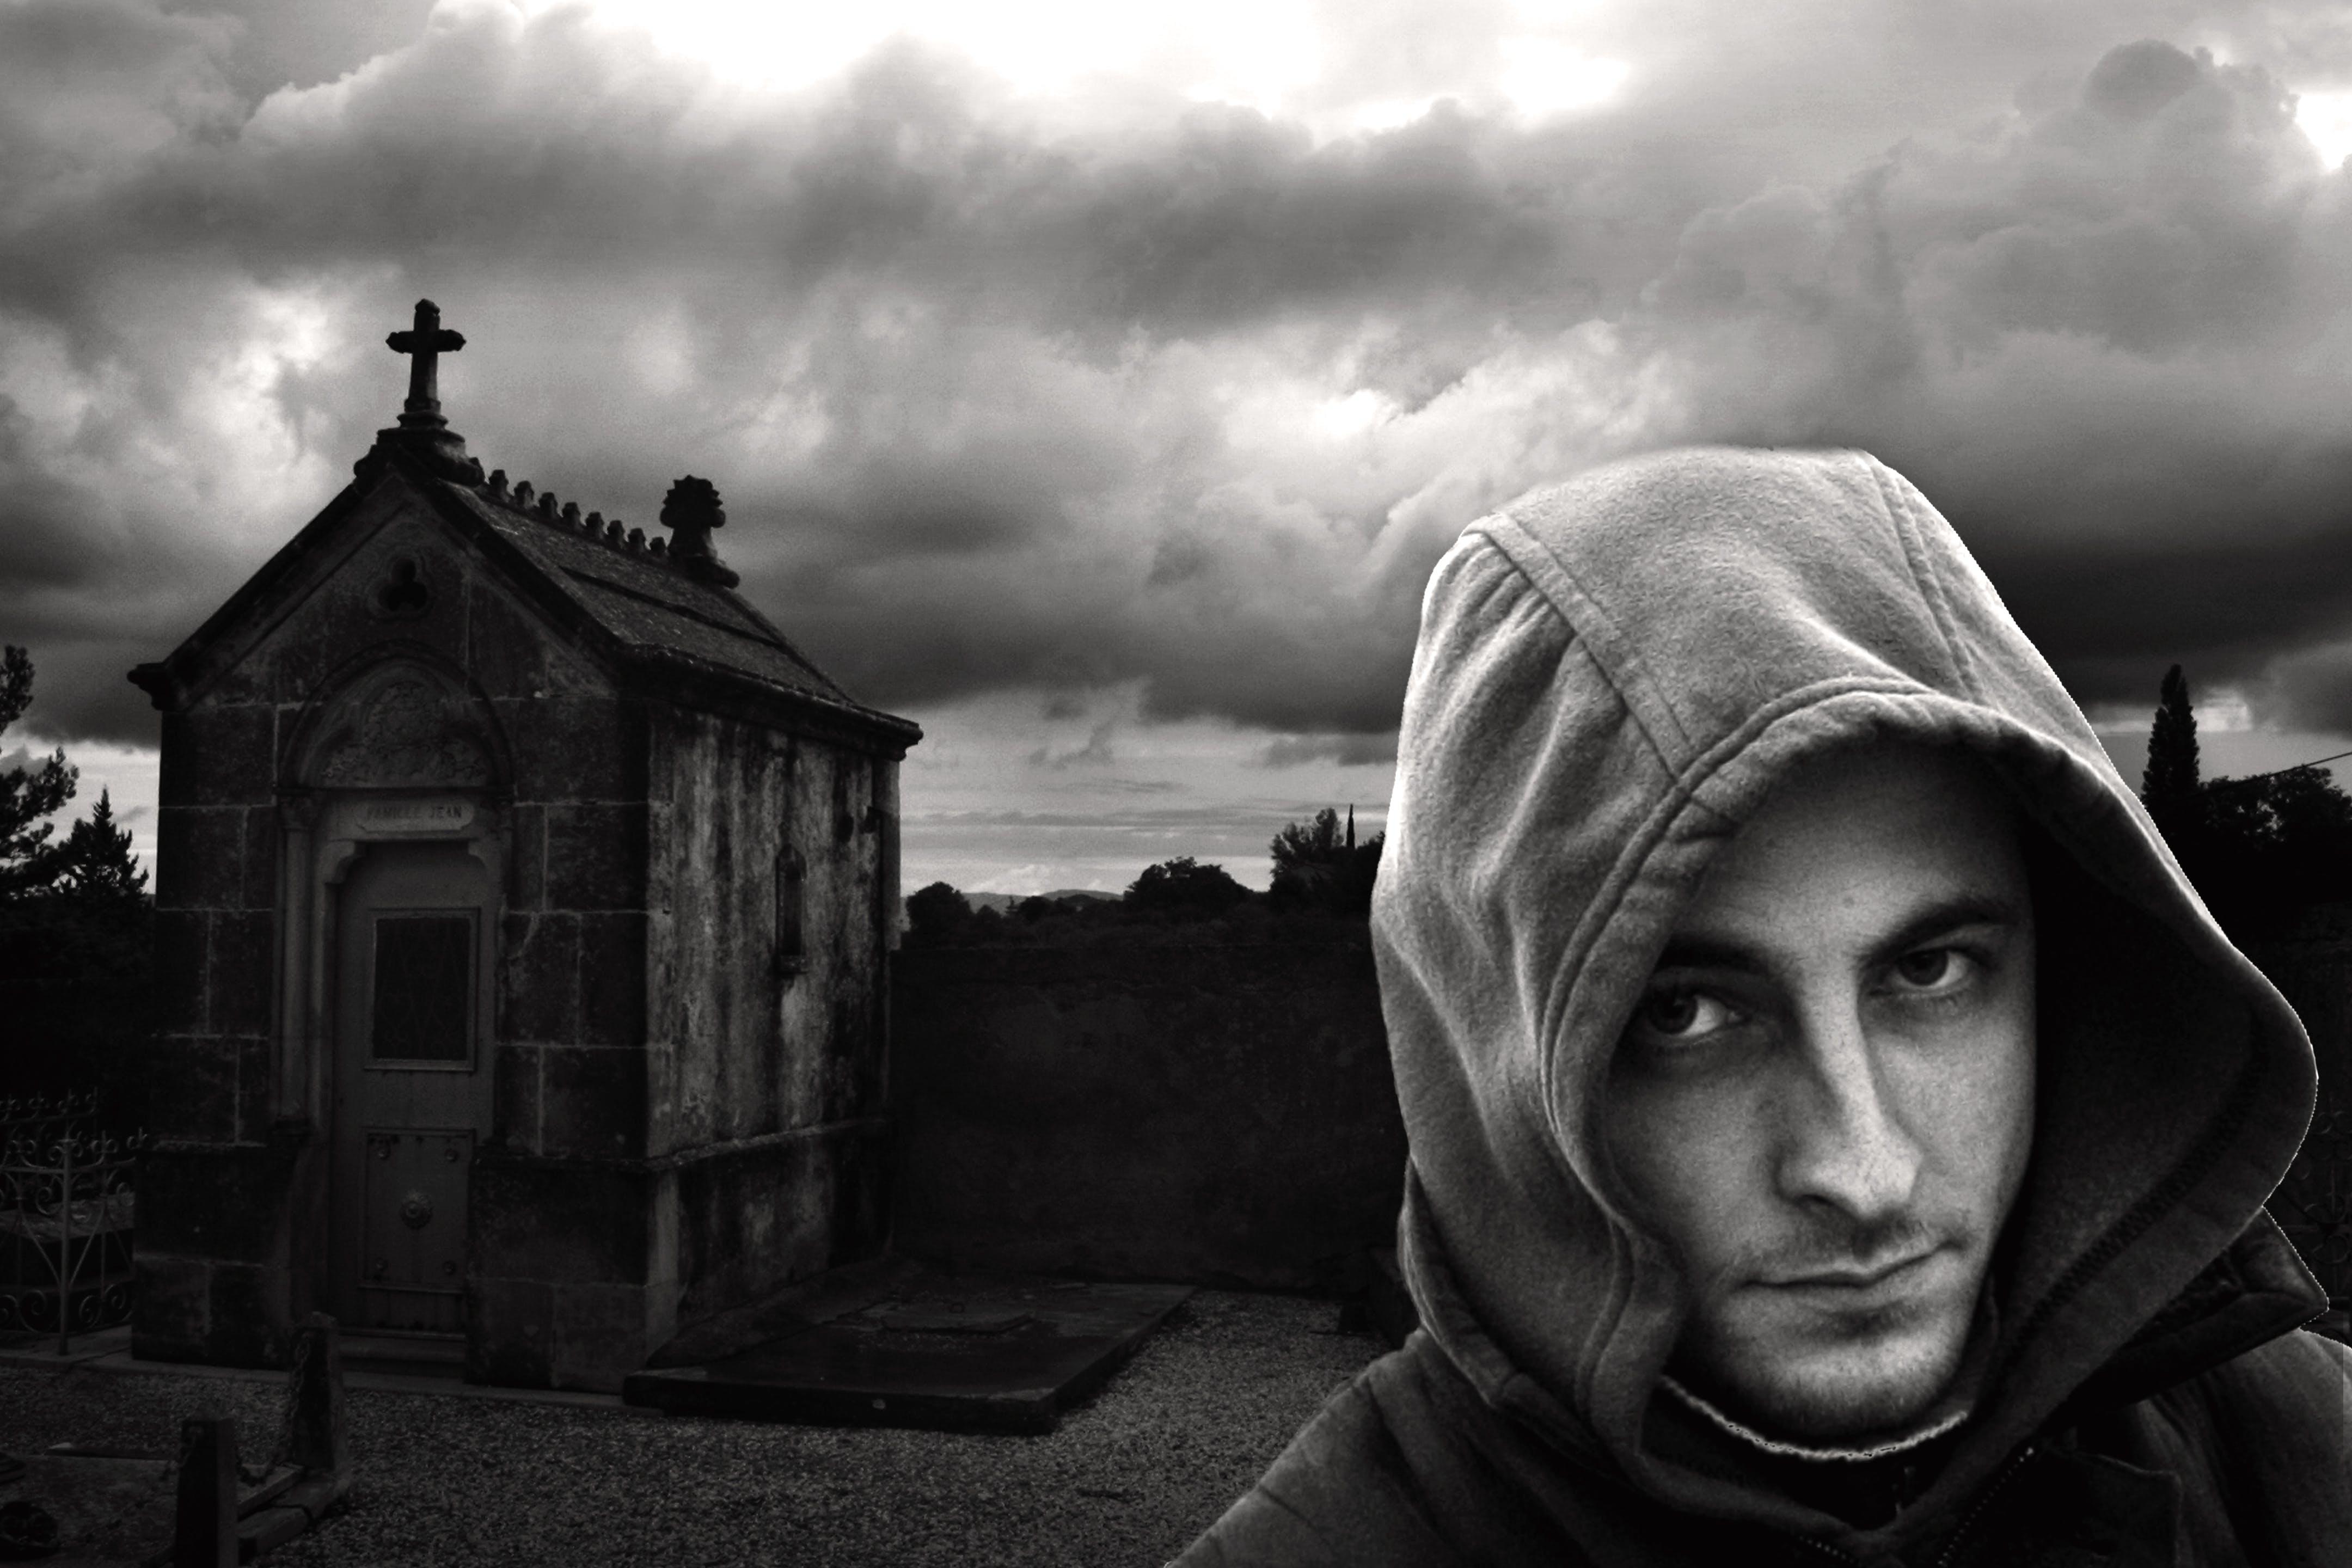 Man in Hoodie Near Church